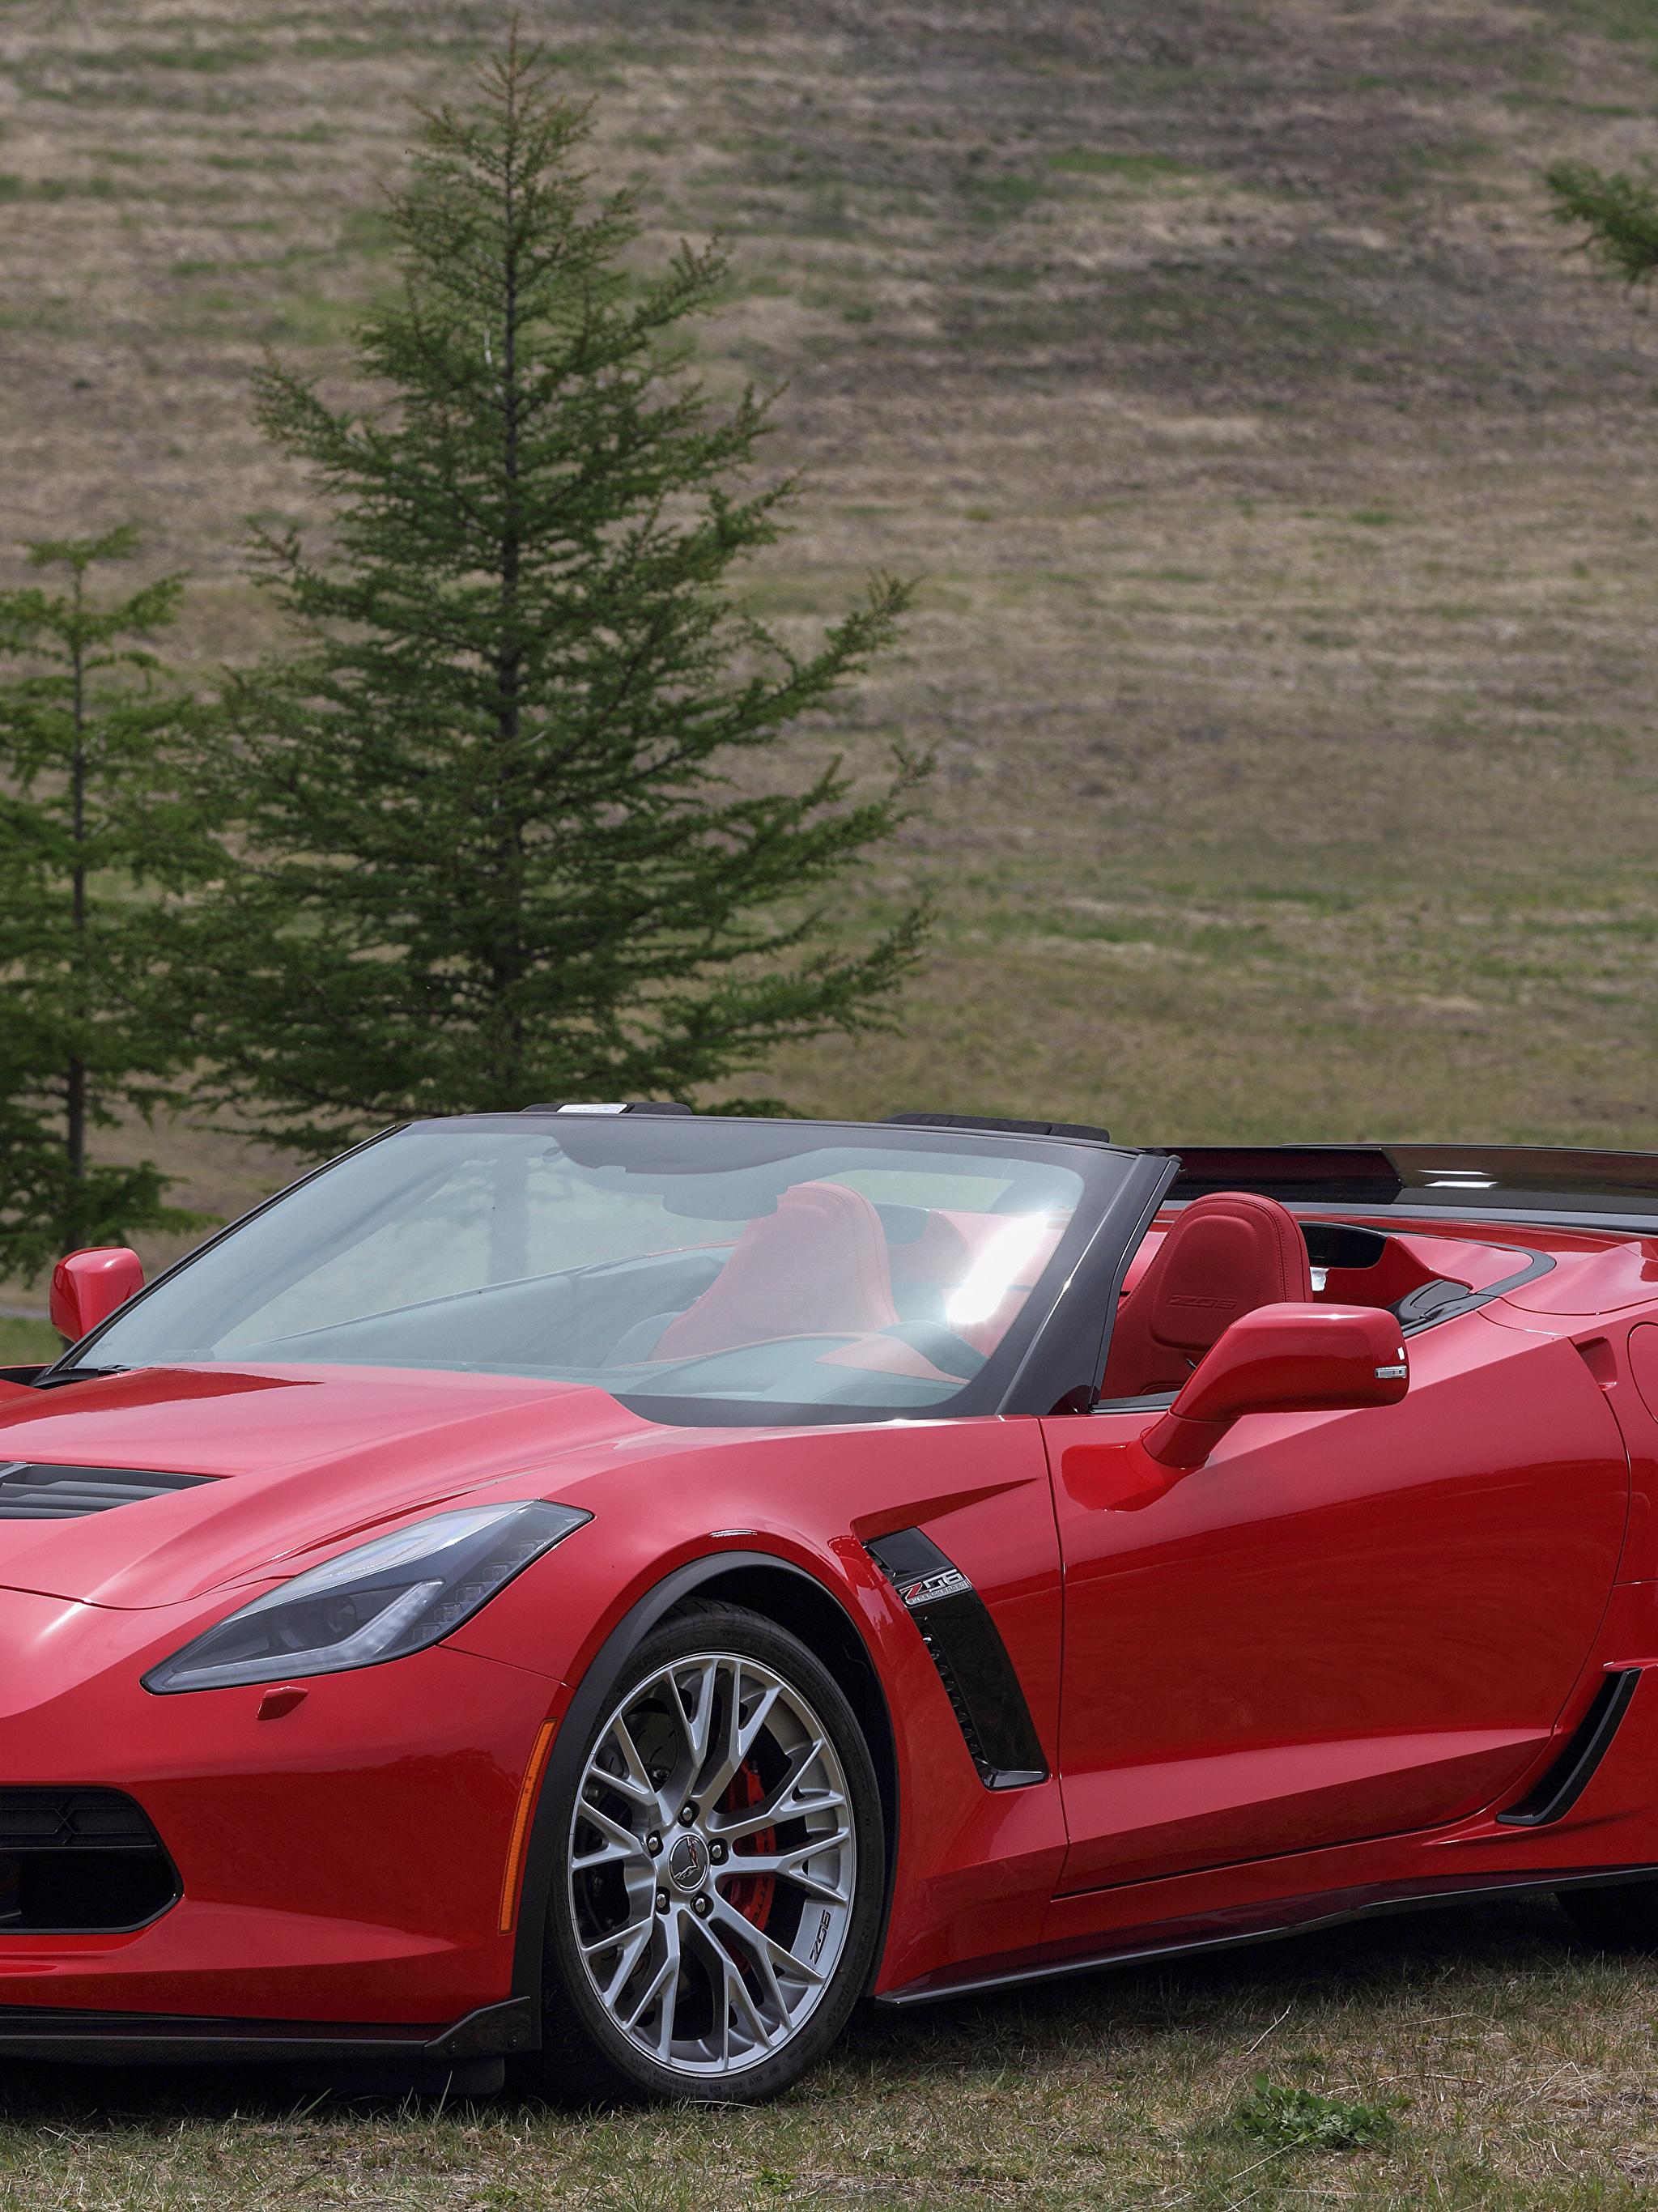 Фотографии Chevrolet 2015–17 Corvette Z06 Кабриолет Красный Авто Металлик 2048x2732 Шевроле Машины Автомобили